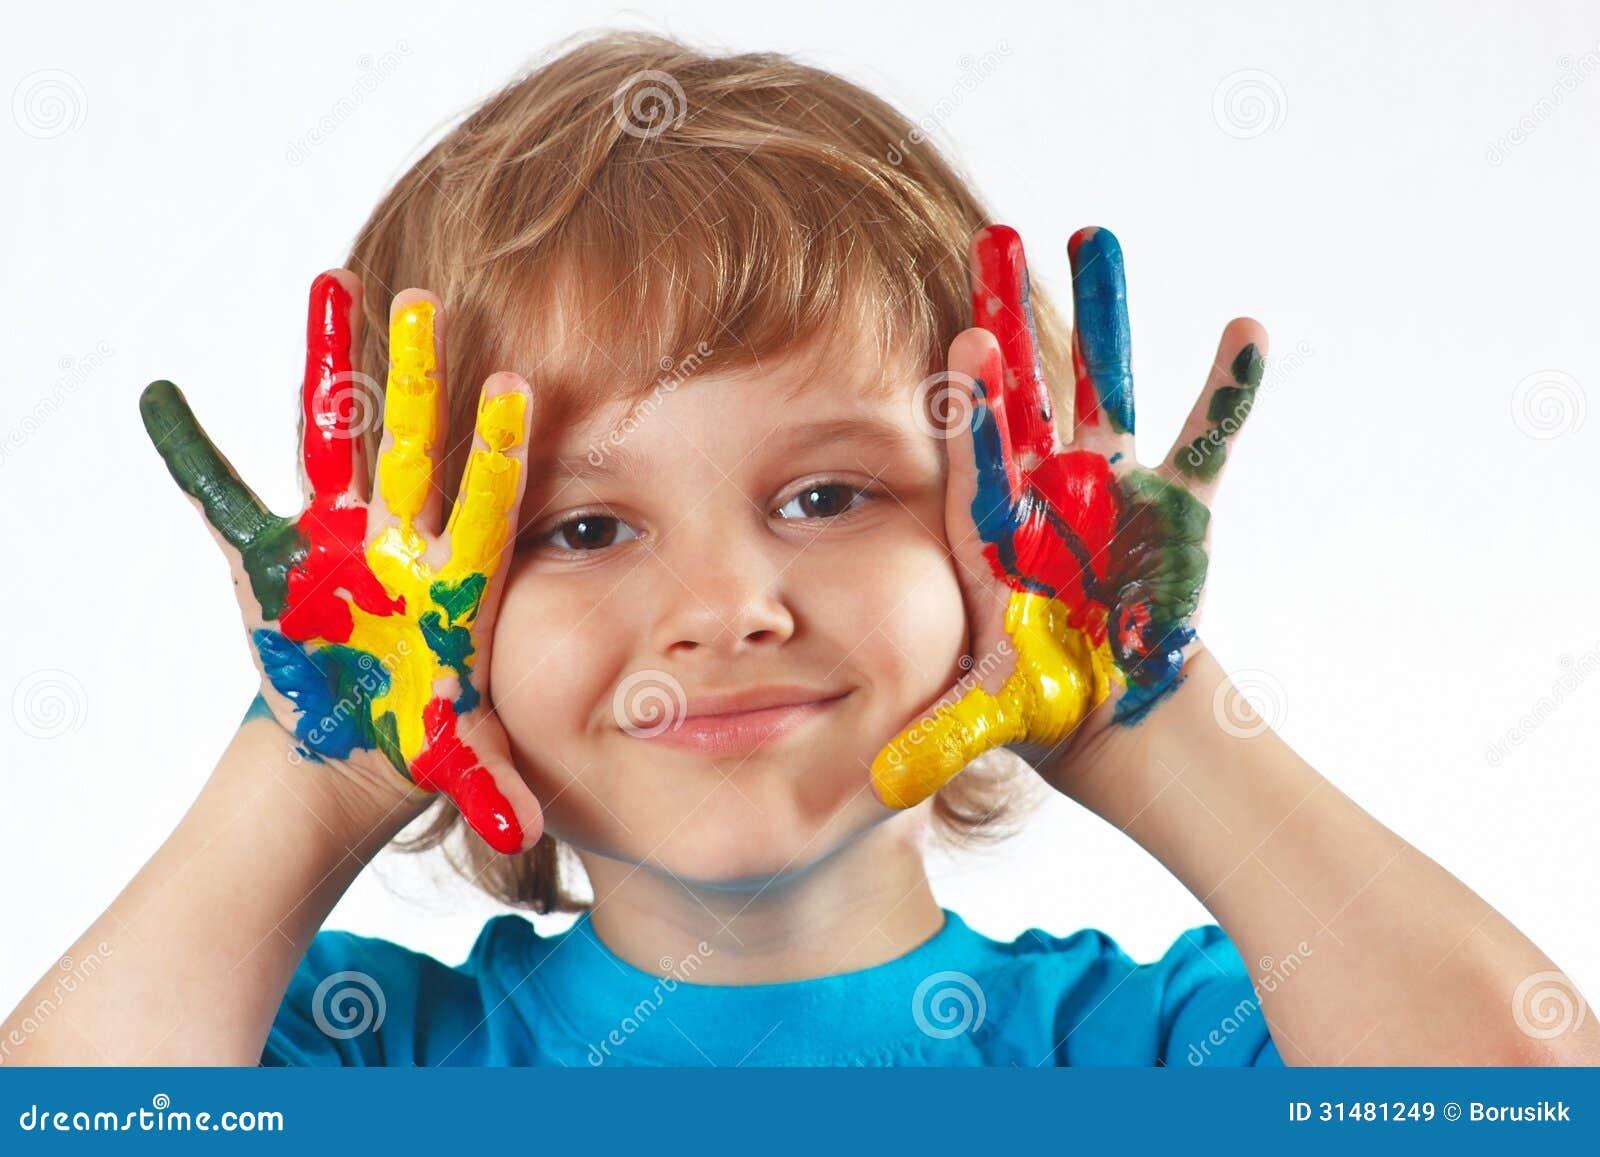 Ni o peque o con las manos pintadas en el fondo blanco - Ninos pintando con las manos ...